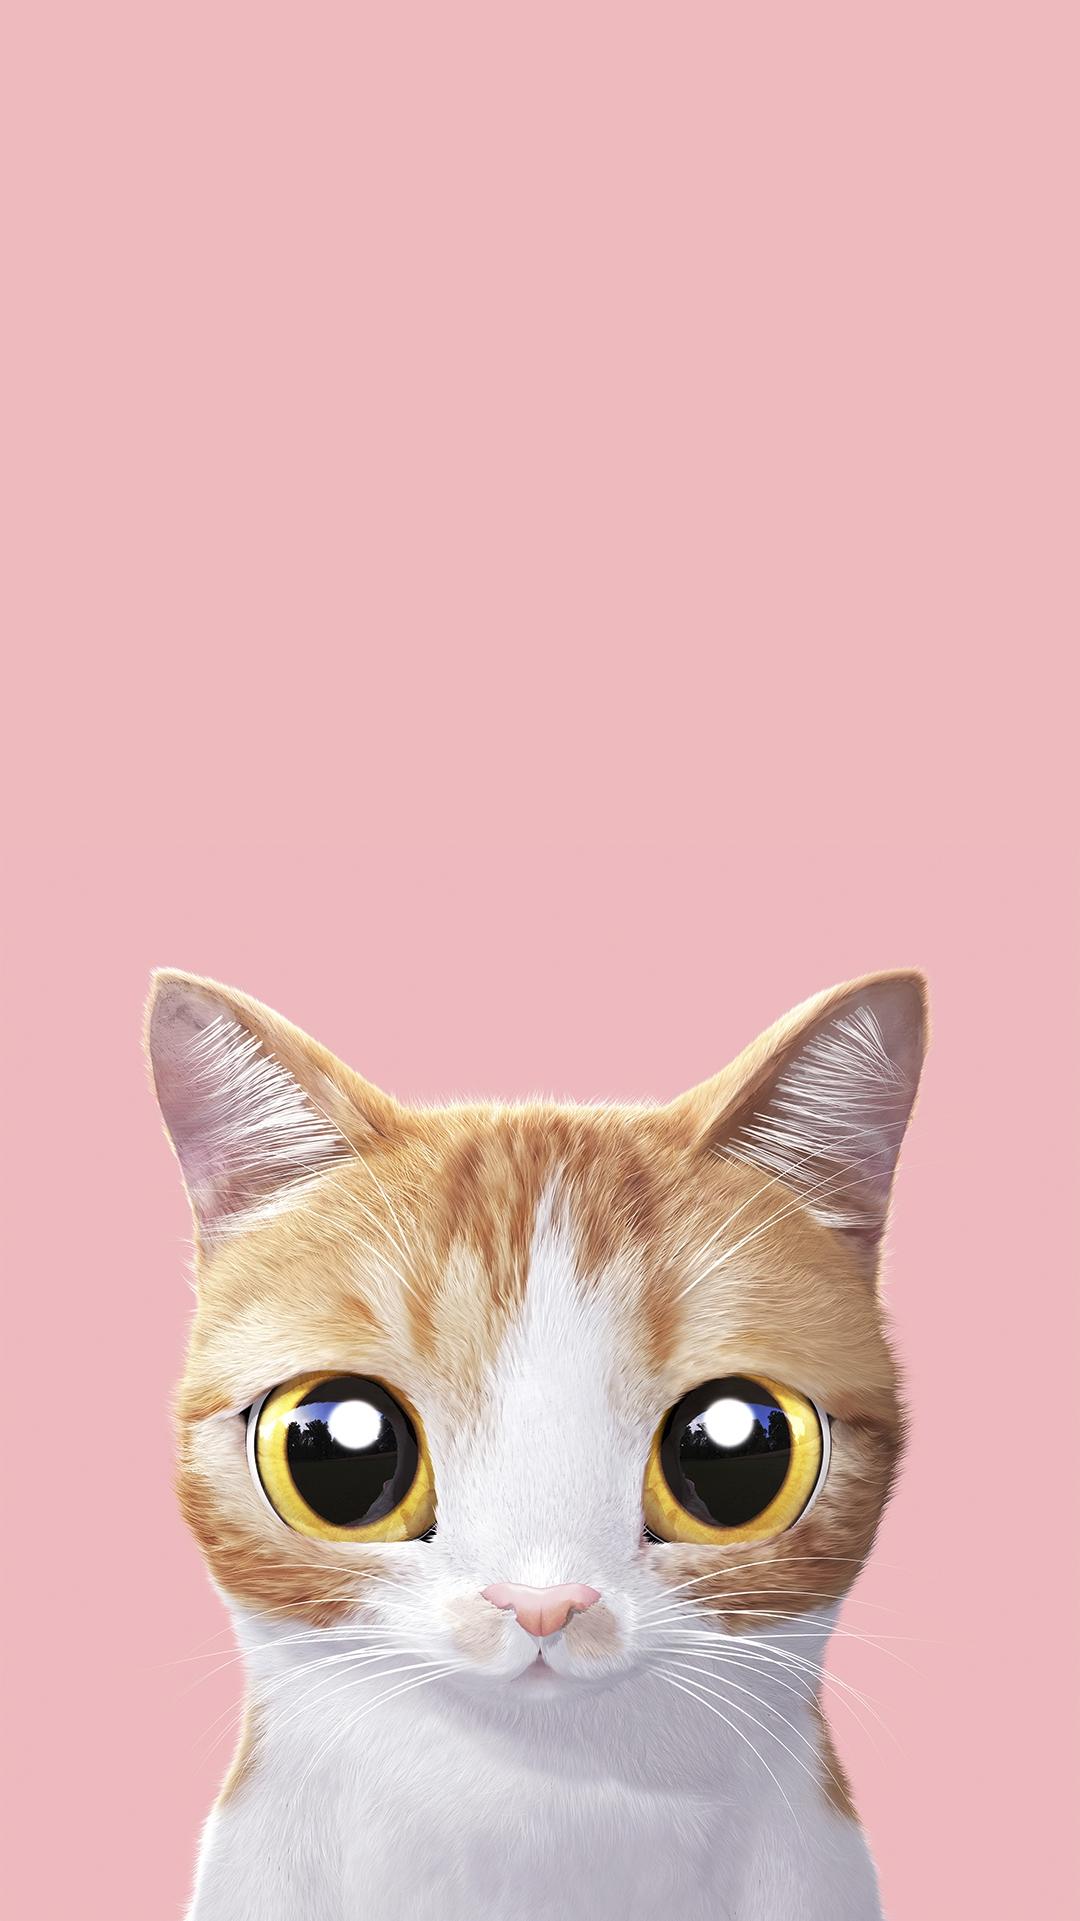 Заставки на телефон котята   милые и смешные (5)